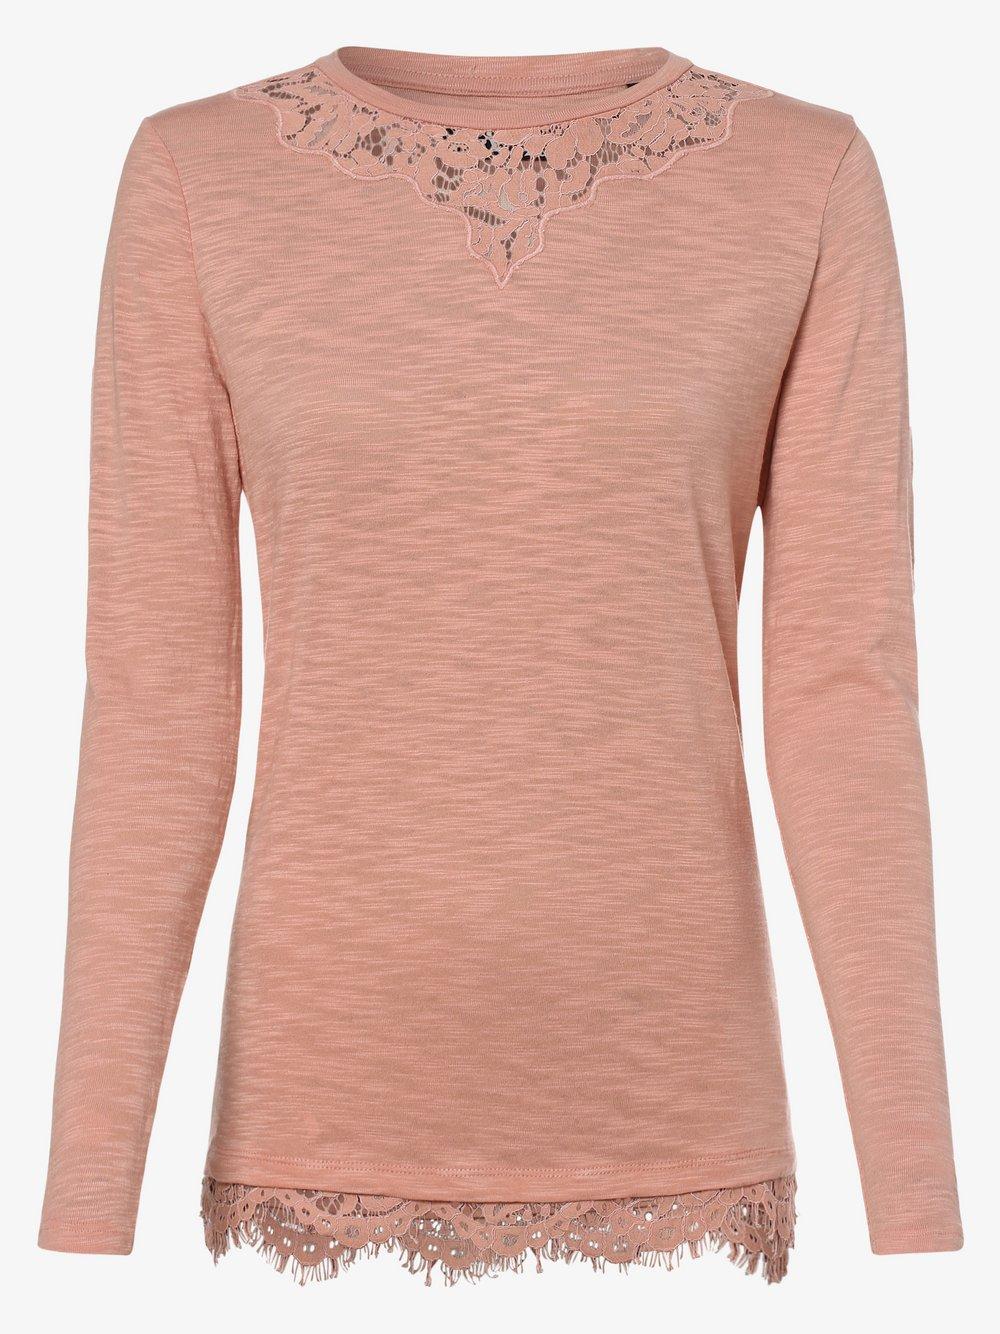 Superdry - Damska koszulka z długim rękawem, różowy